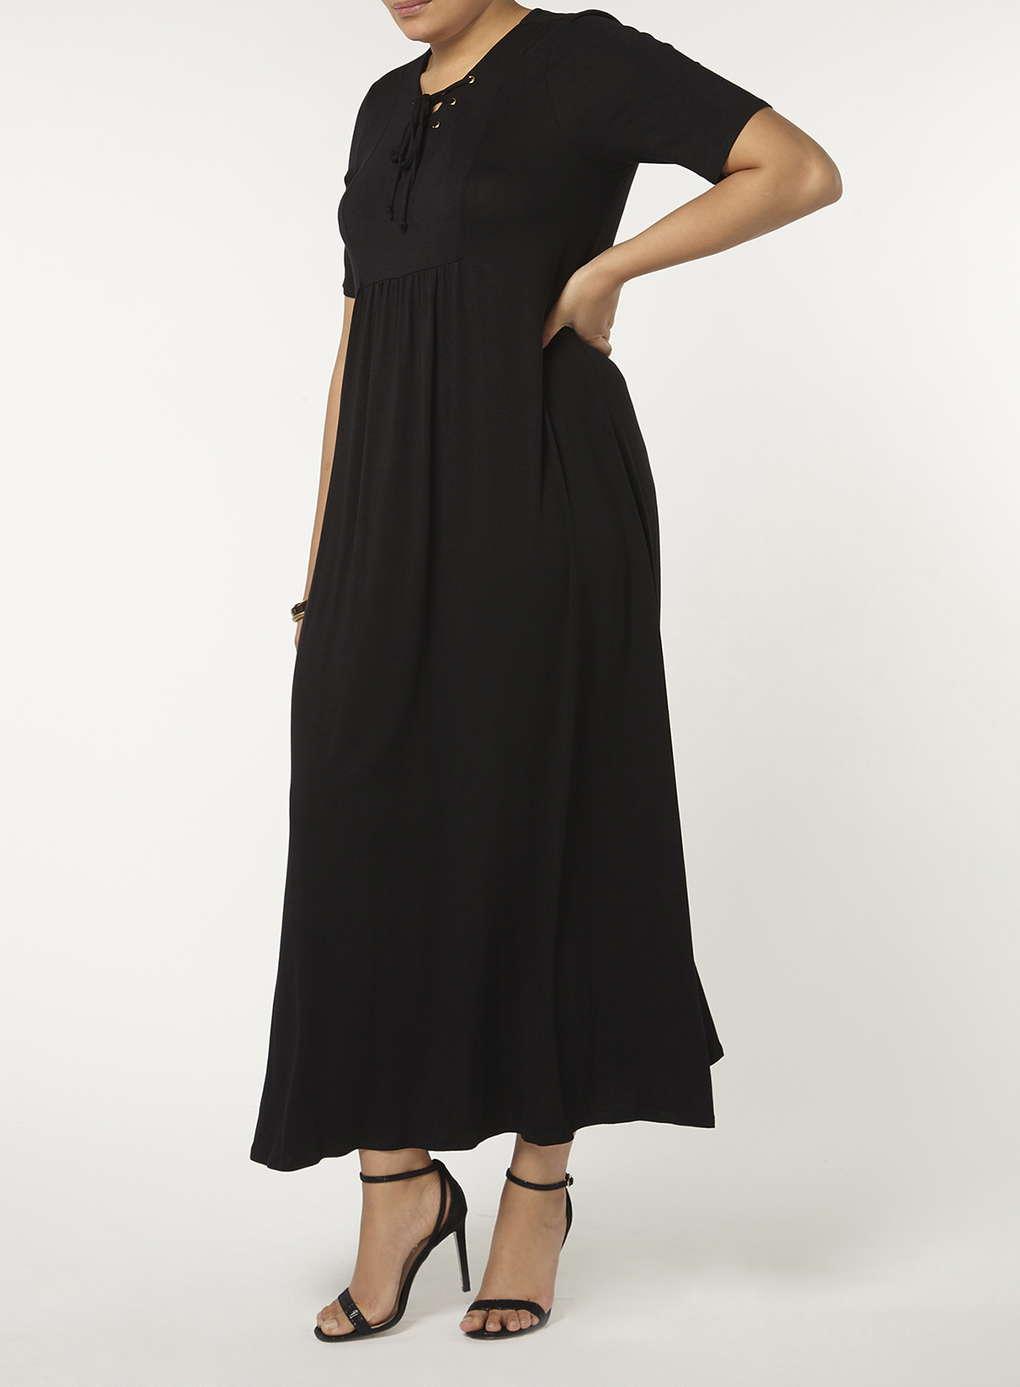 Büyük Beden Uzun Abiye Elbise Modelleri - Gece Elbiseleri - plus size dresses (4)